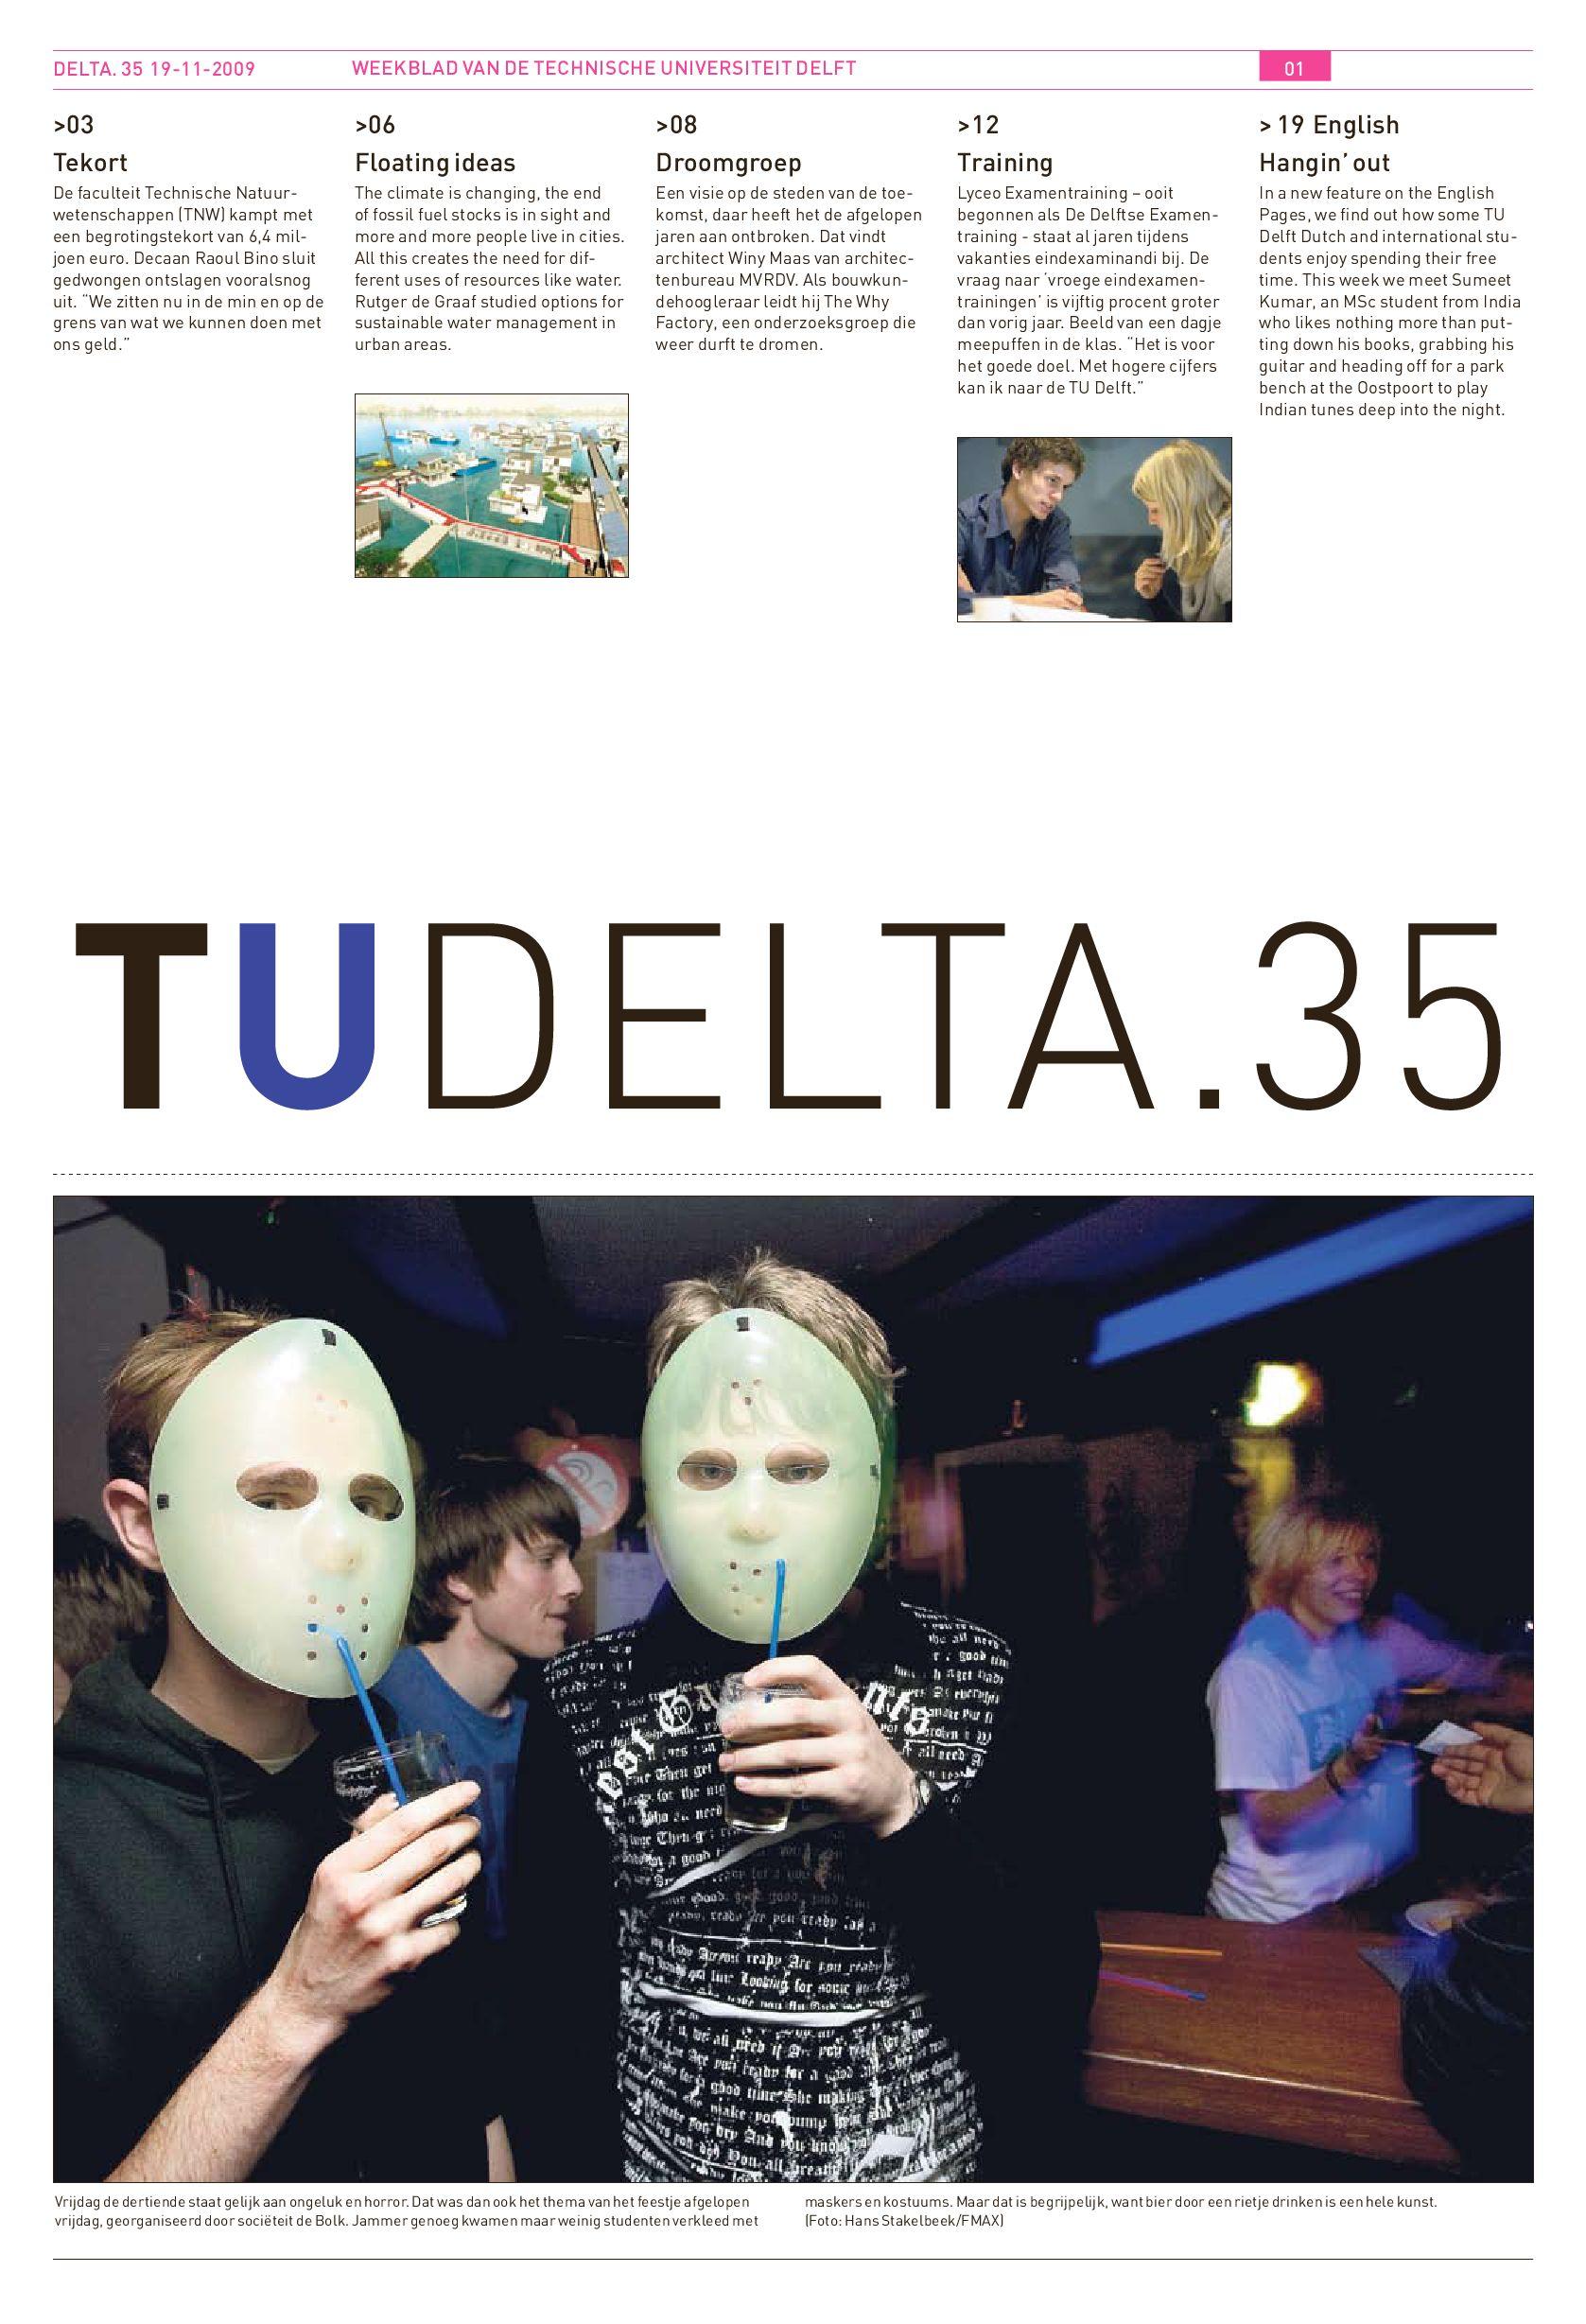 Delta - TU Delft by Delta en Delft Integraal Delft Outlook - issuu 2a102d3953